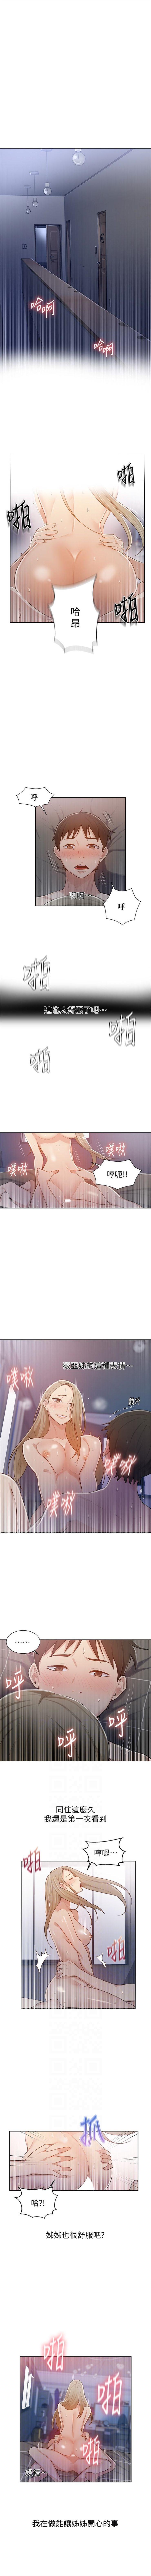 秘密教學  1-55 官方中文(連載中) 87